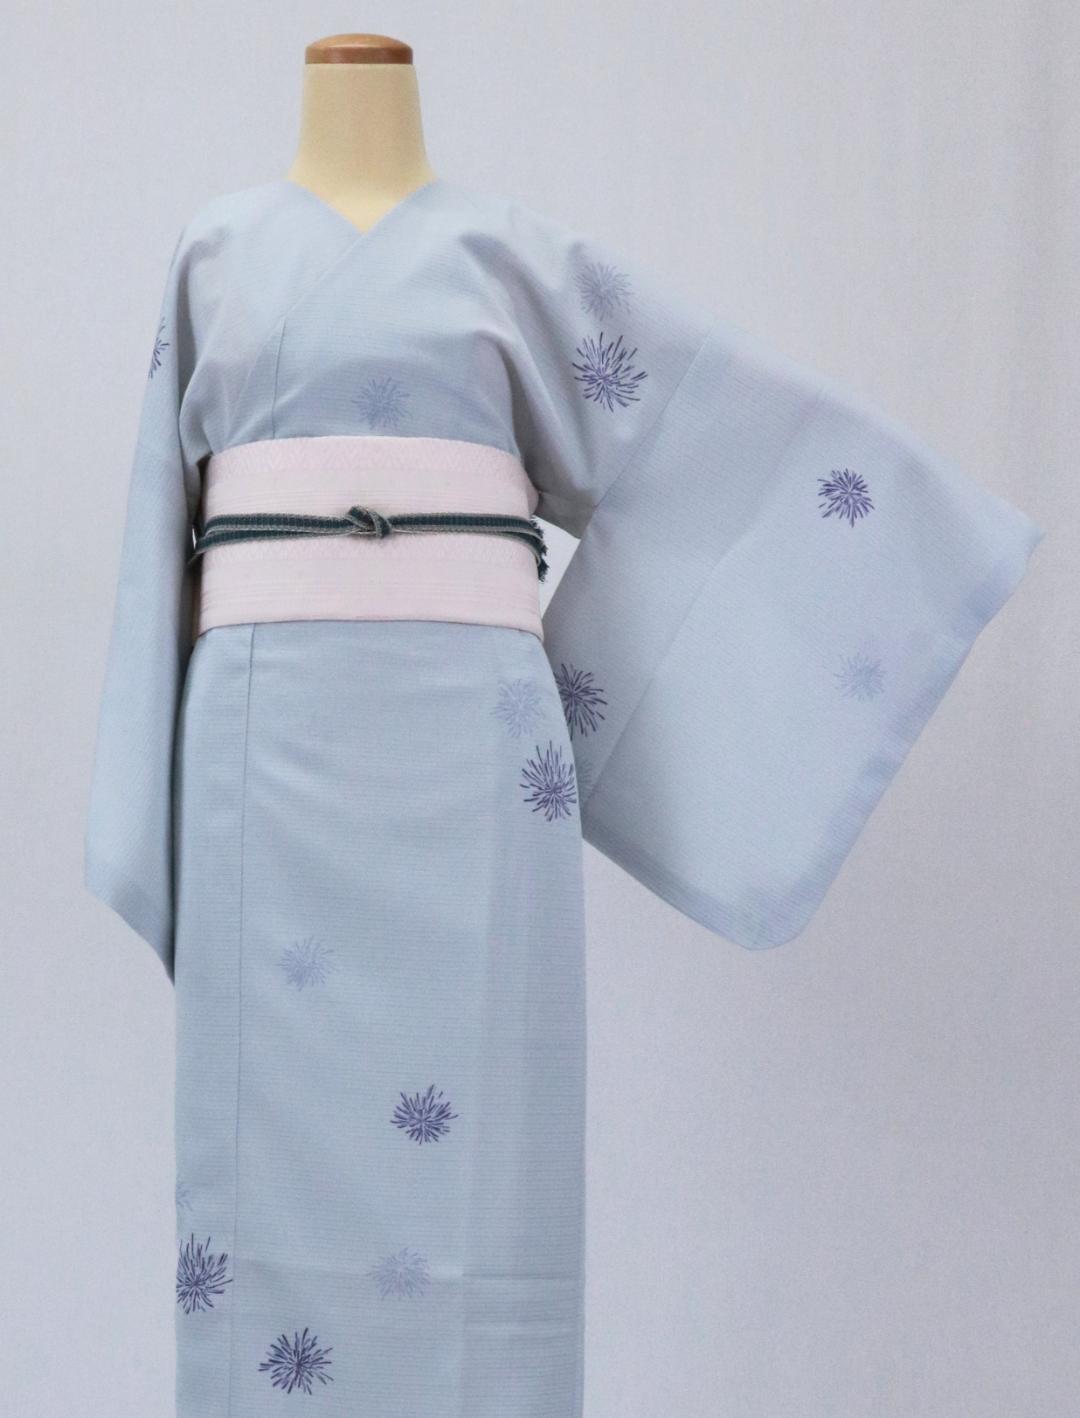 【日本製】 単品(衿なし)高級夏着物 絽 [水色系][N053][Mサイズ]画像